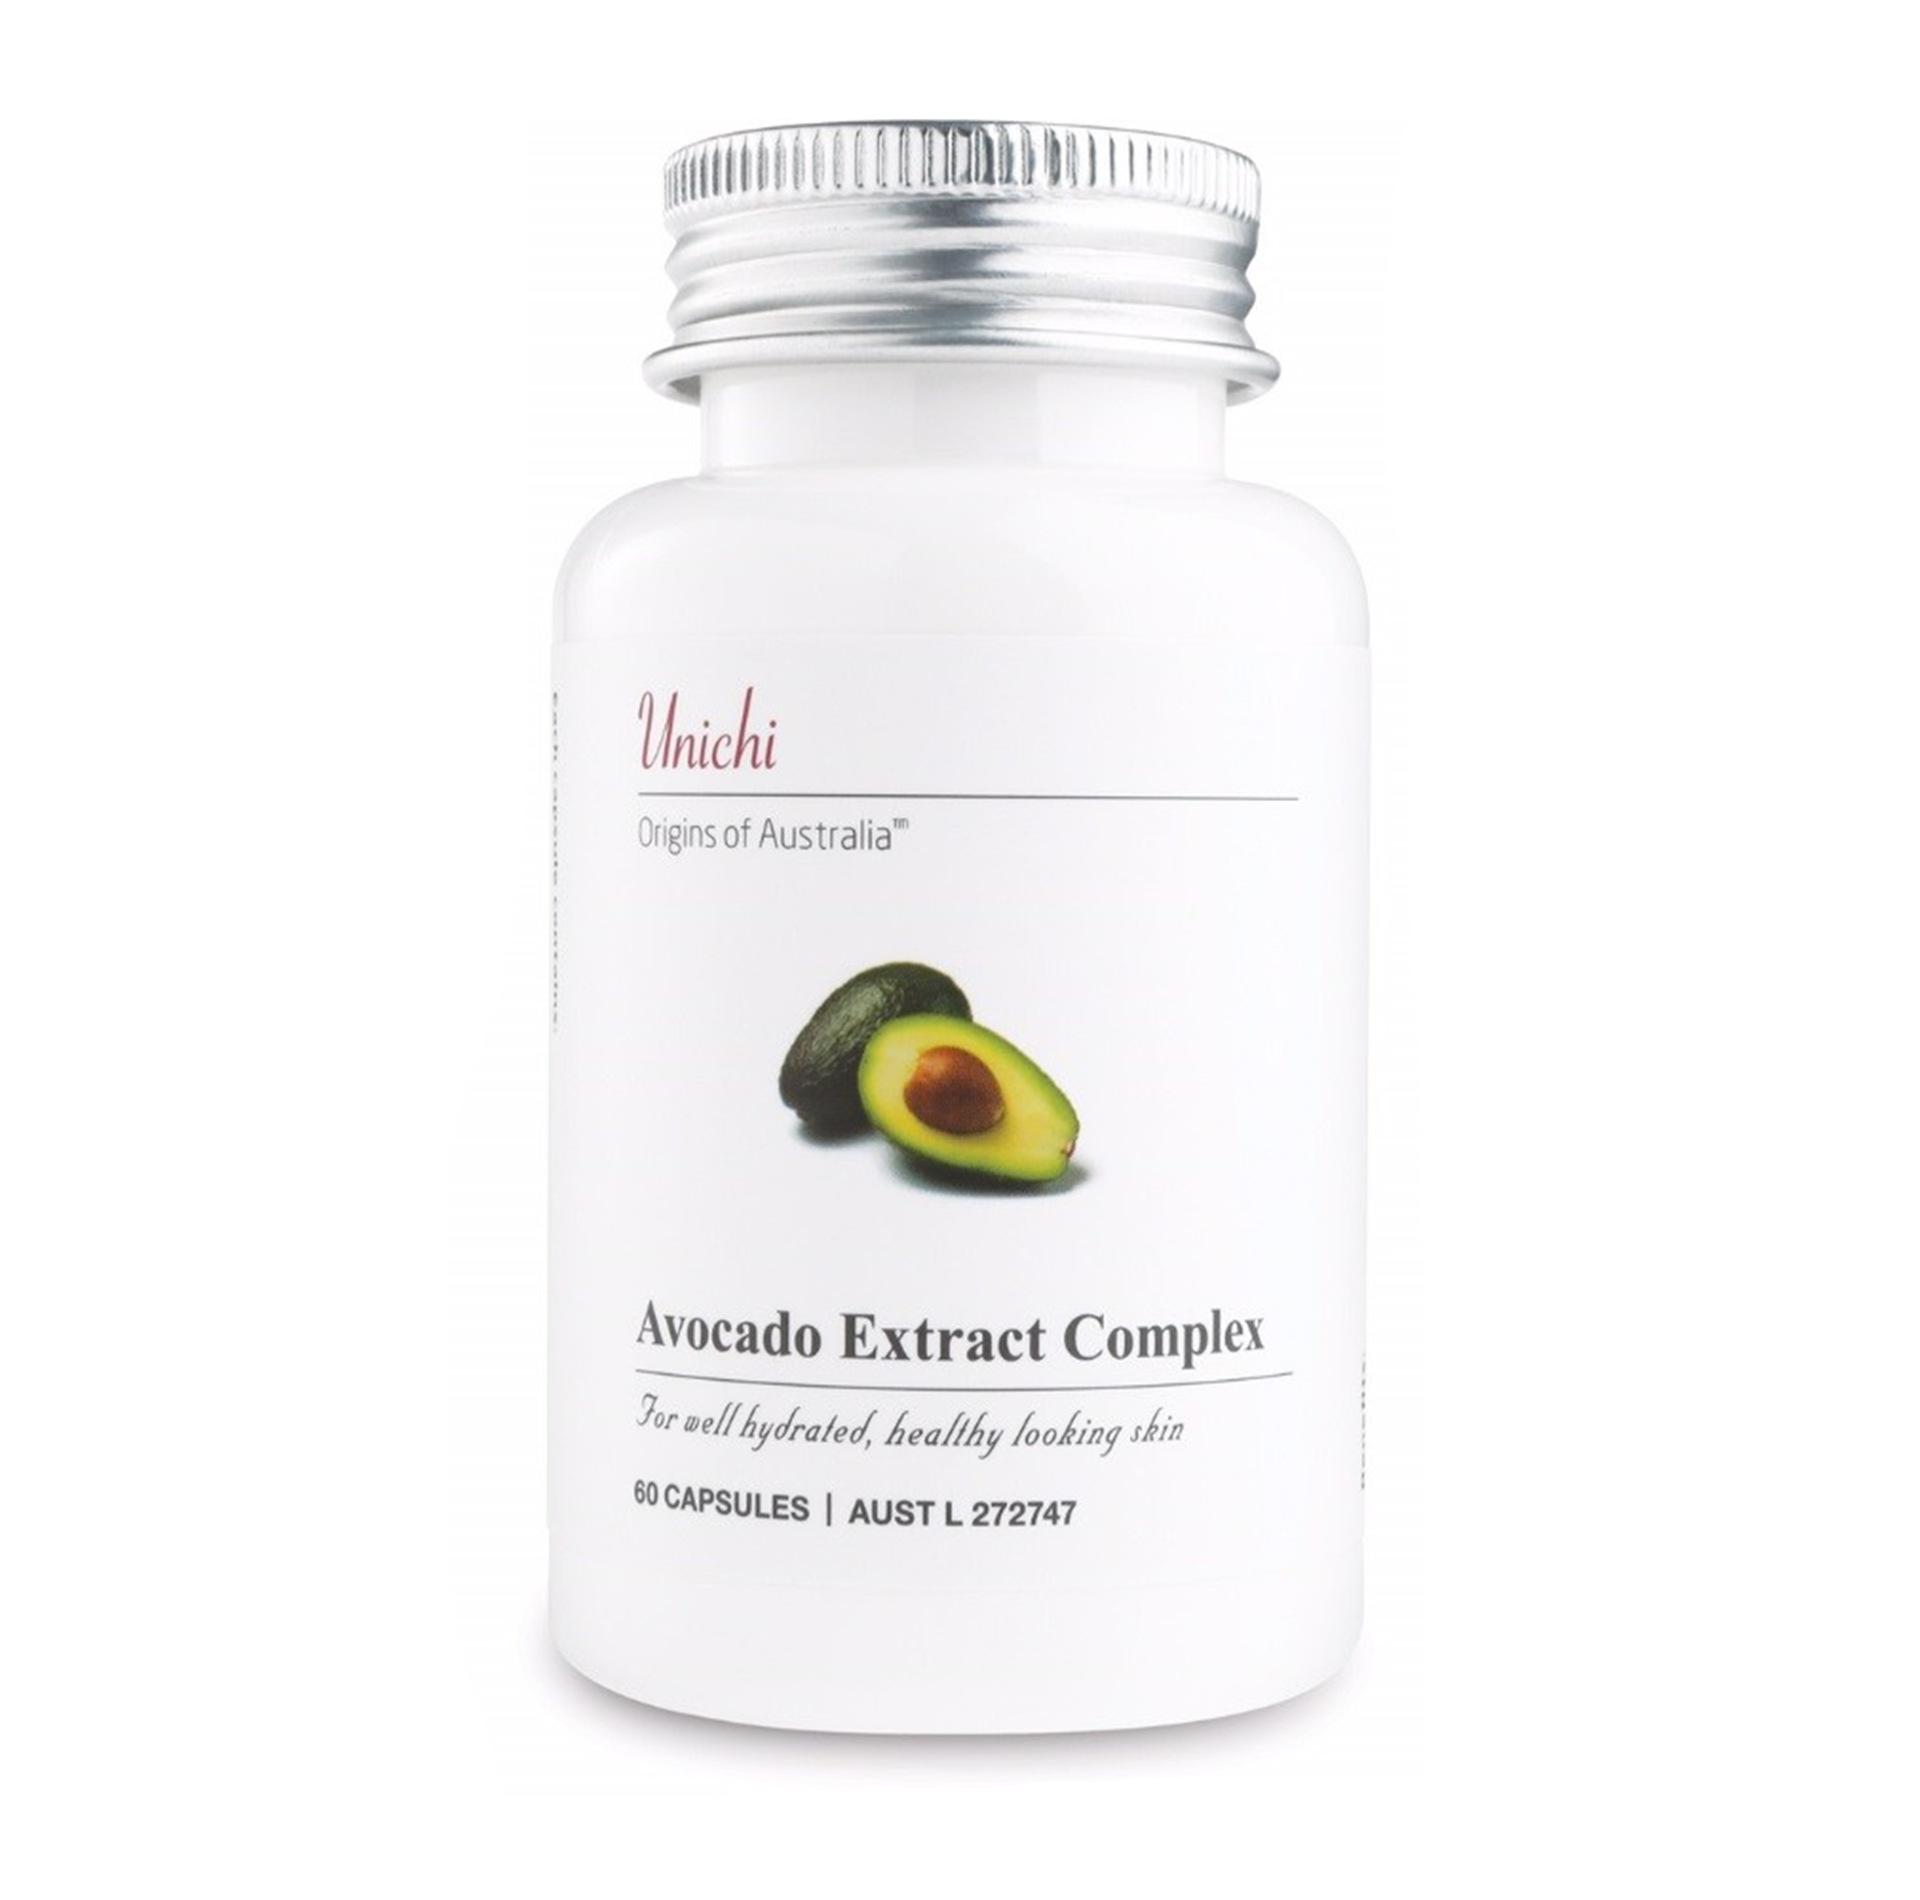 unichi 牛油果精華膠囊 60粒 抗氧化 保護心血管